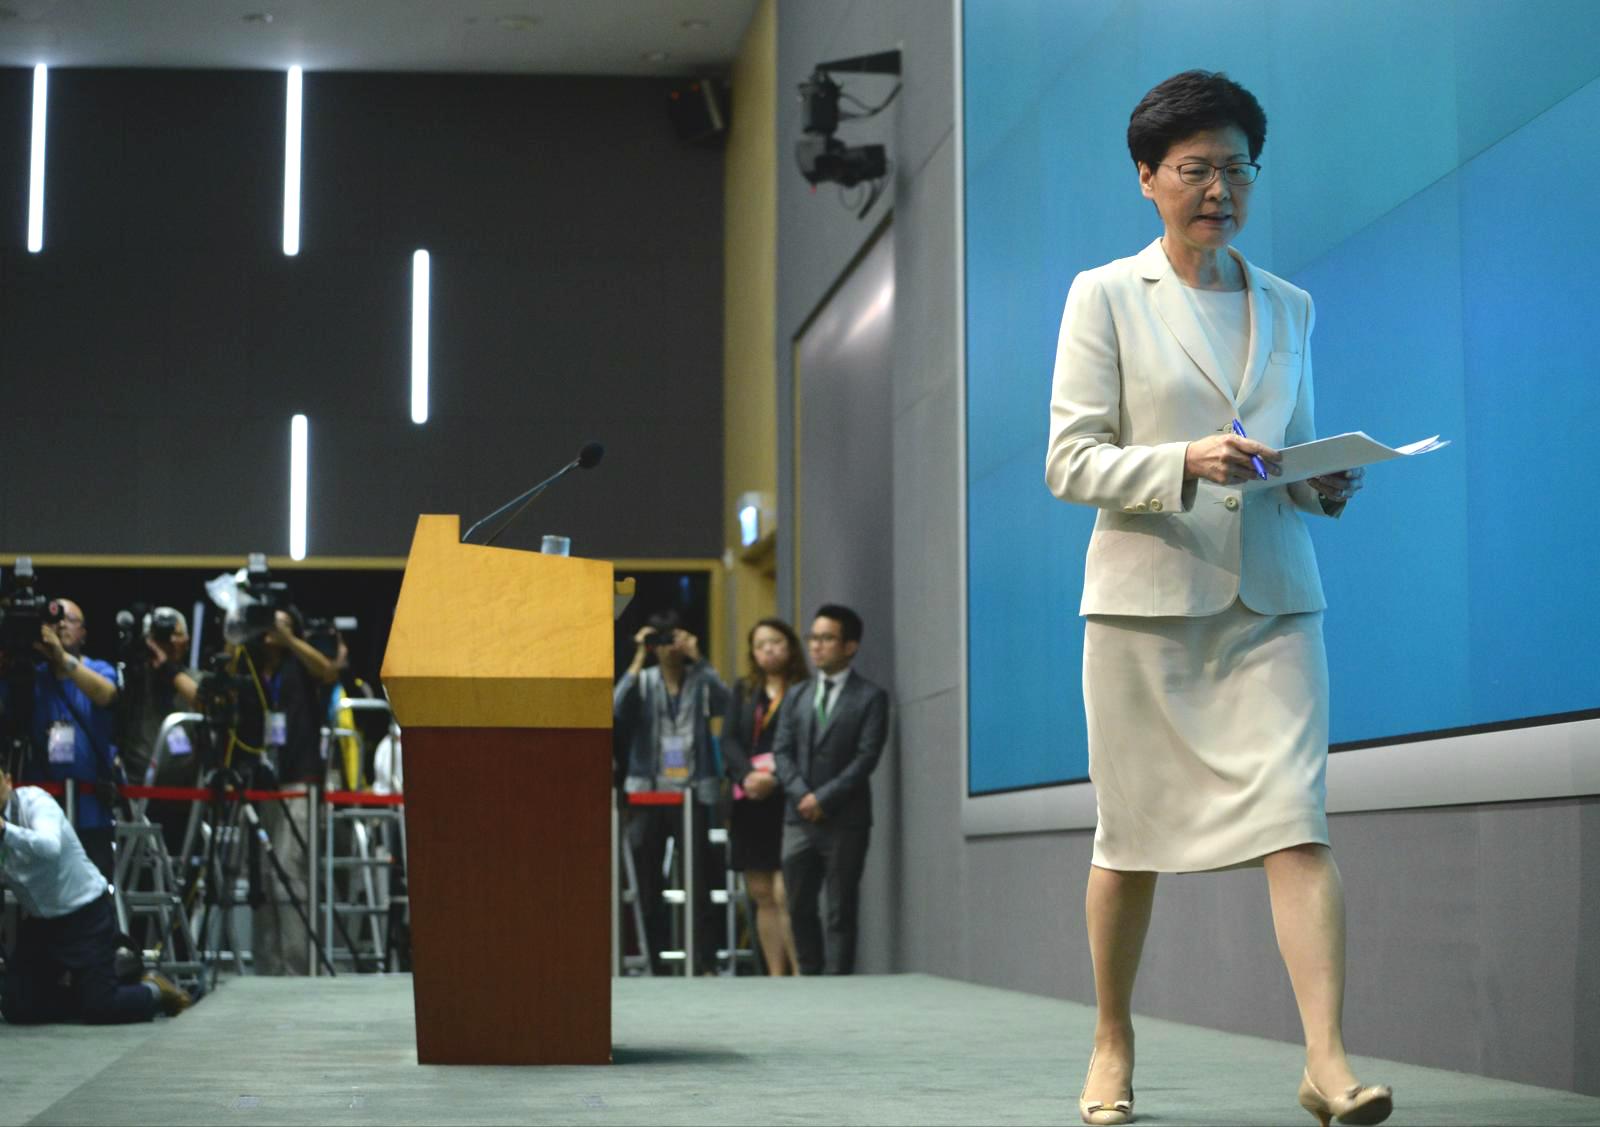 行會非官守議員指會繼續協助林鄭月娥施政。